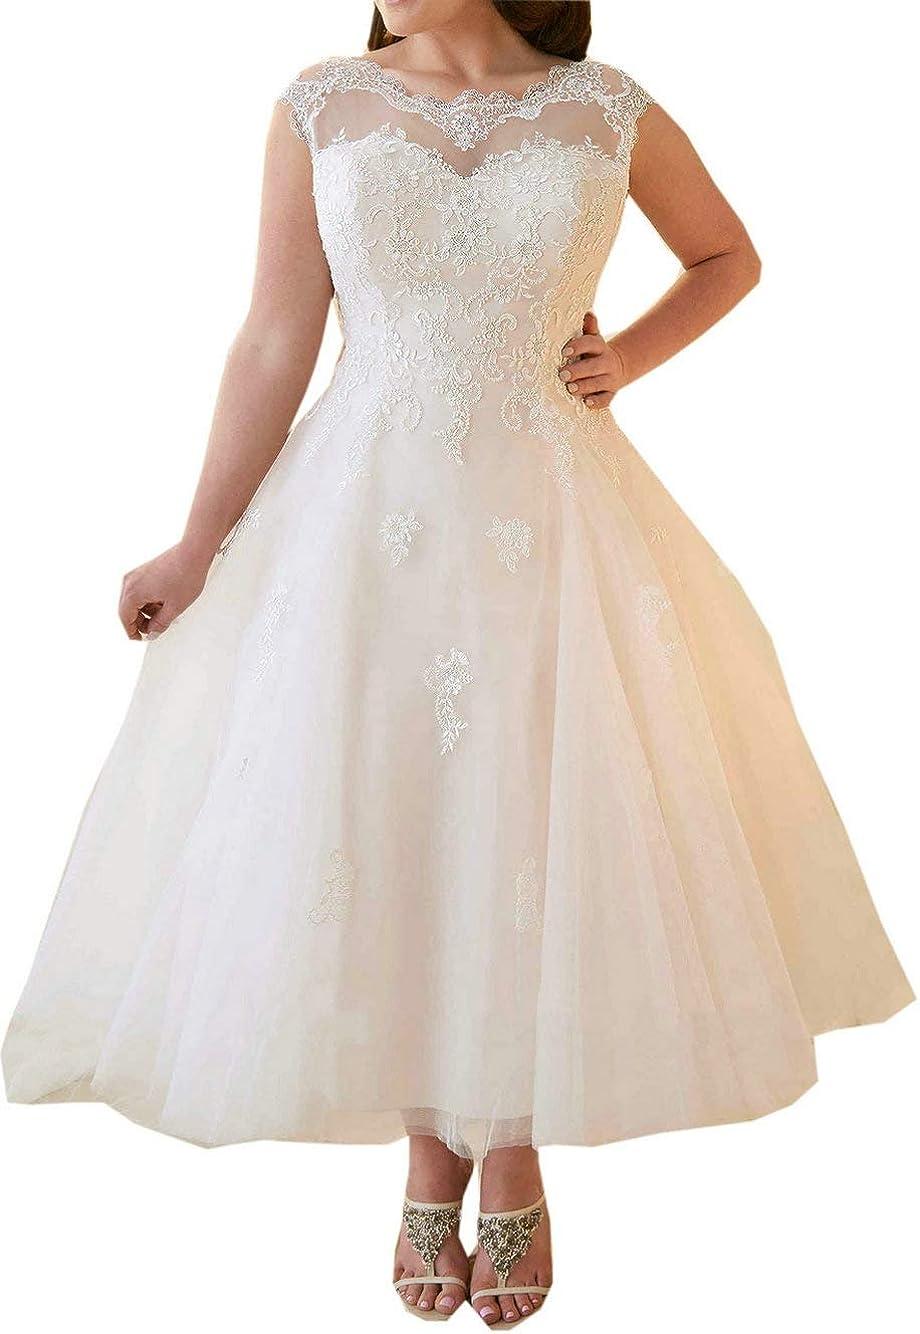 Hochzeitskleider Damen Brautkleid Brautmoden Tüll Spitze Knöchellang A Linie